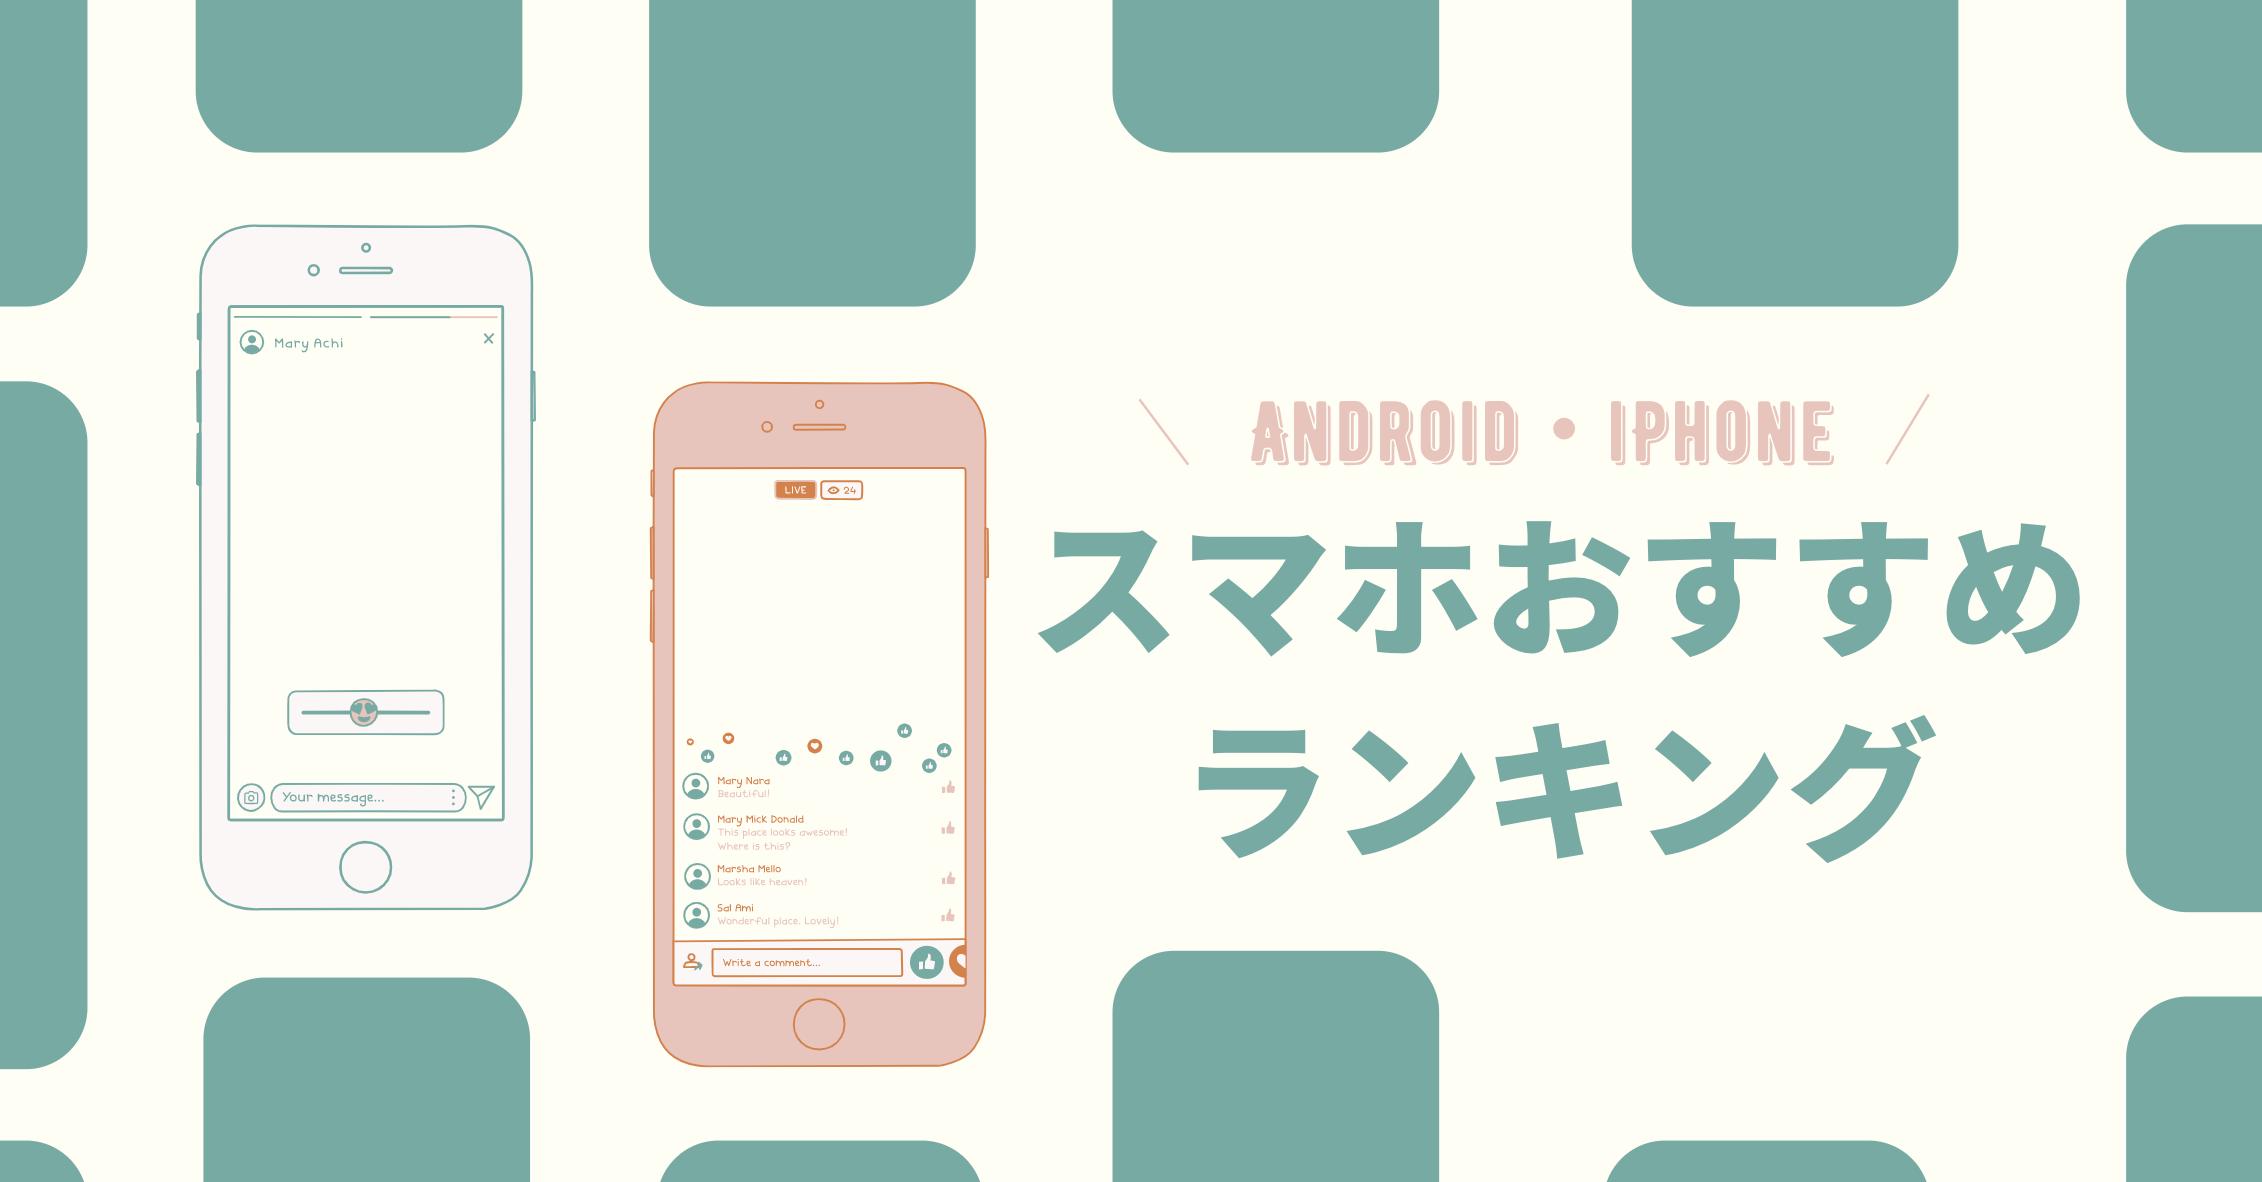 [2021年]Androidスマホ・iPhoneおすすめランキング!コスパ最強・ゲーミングスマホ